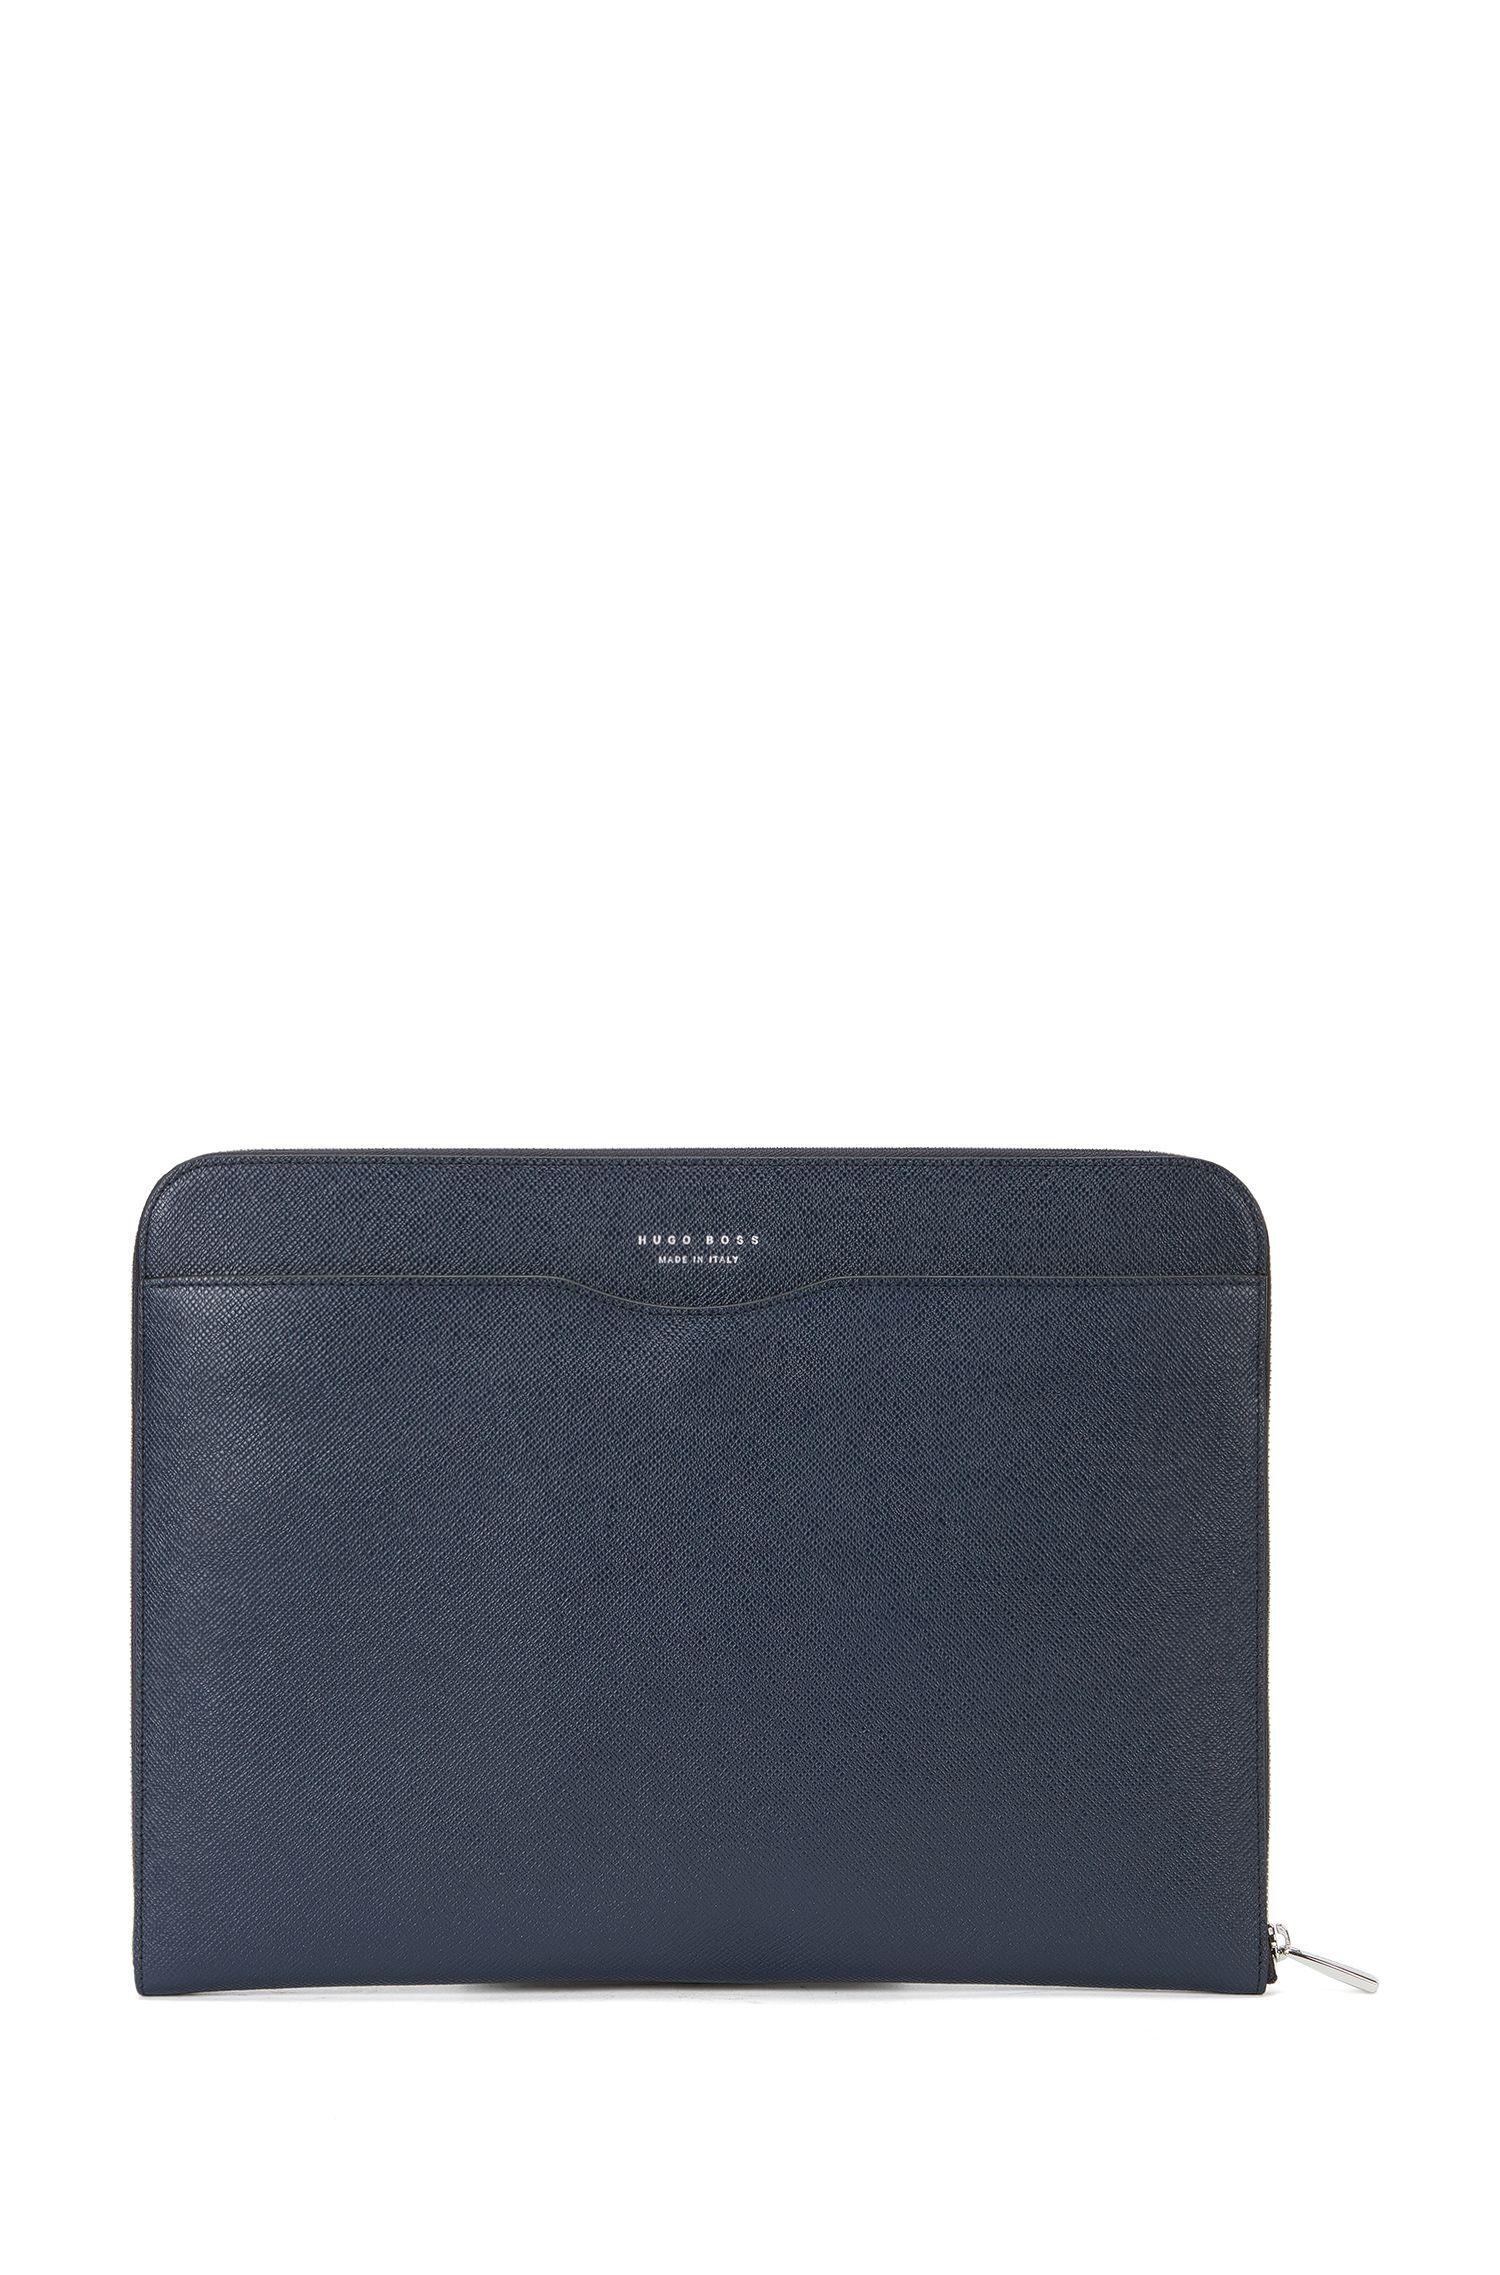 Italian Calfskin Portfolio Case | Signature Portfolio